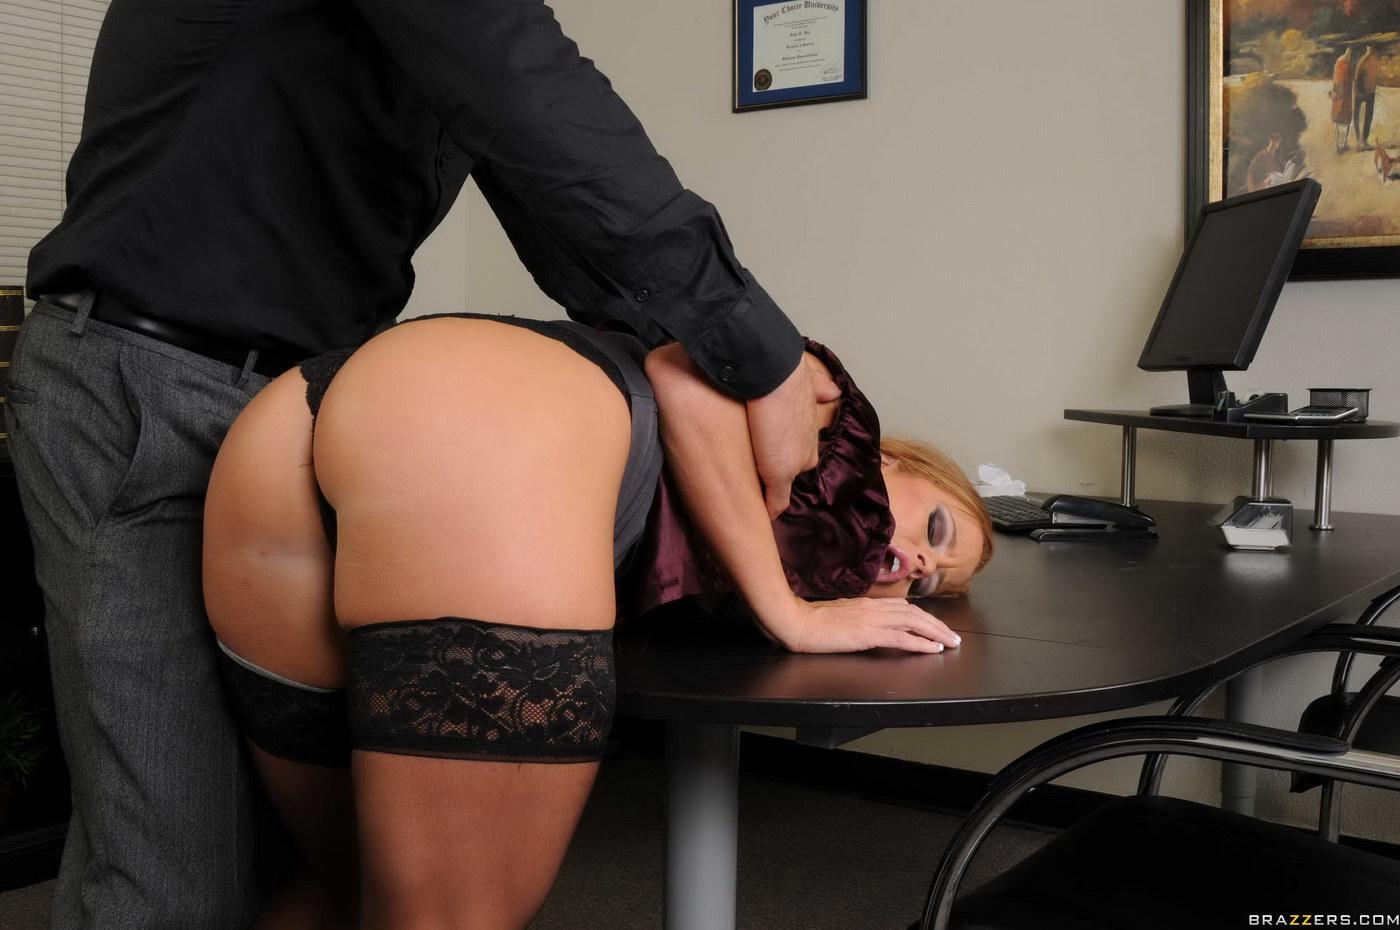 сотрудник засадил в жопу грудастой начальнице боссу всяких